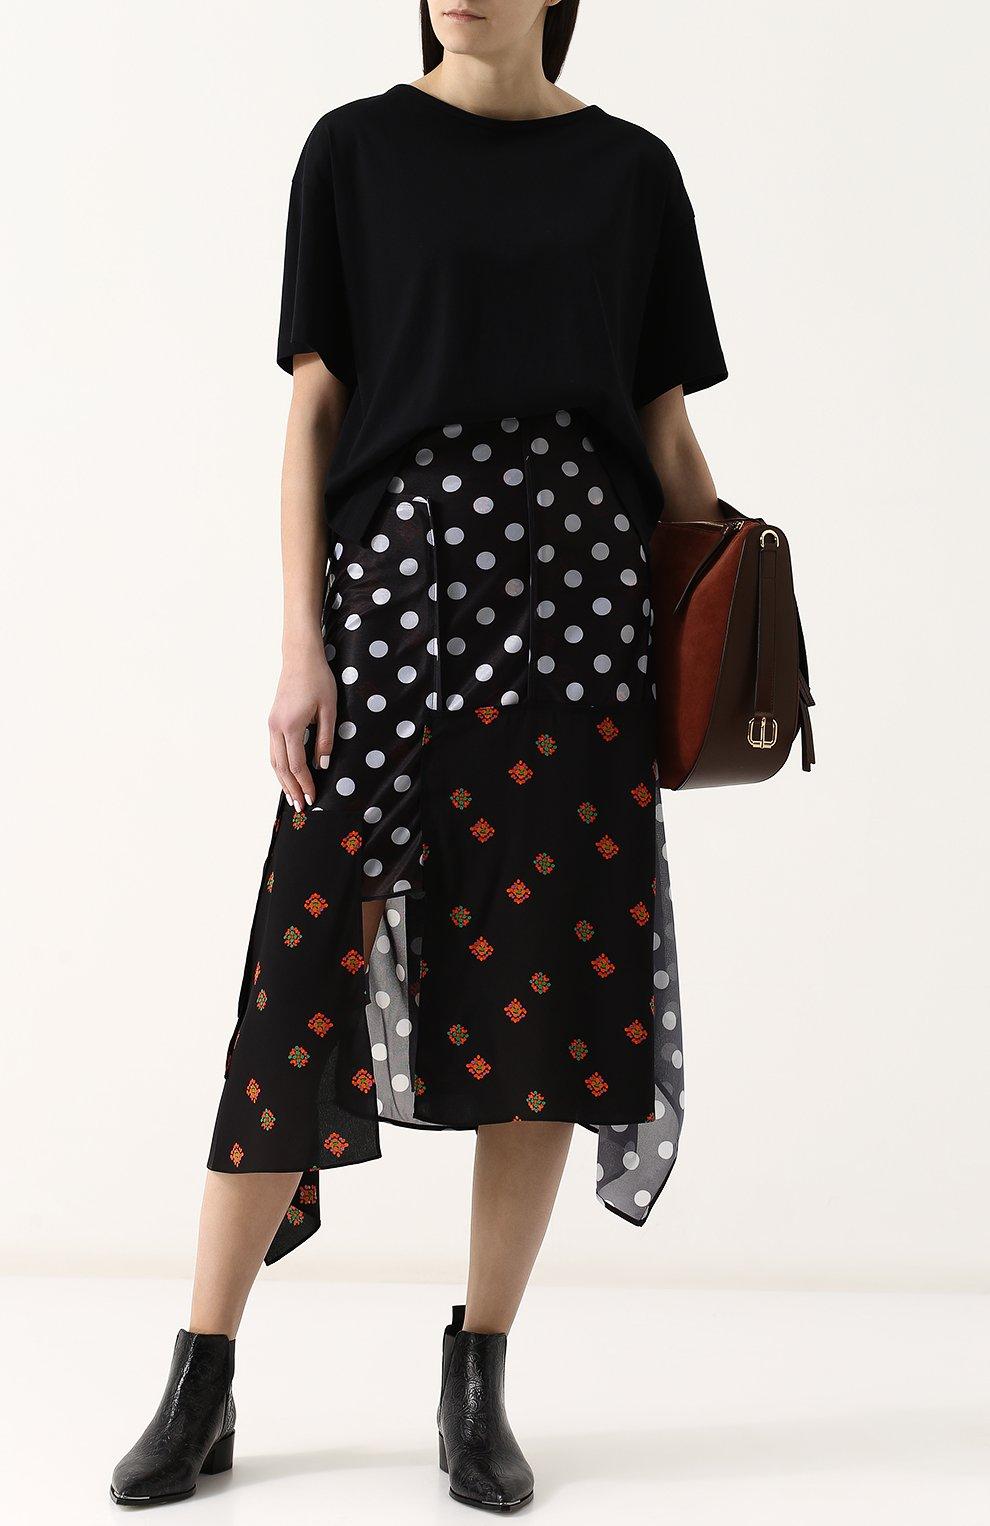 Женская юбка-миди асимметричного кроя с принтом J.W. ANDERSON черного цвета, арт. SK50WS18 640/999 | Фото 2